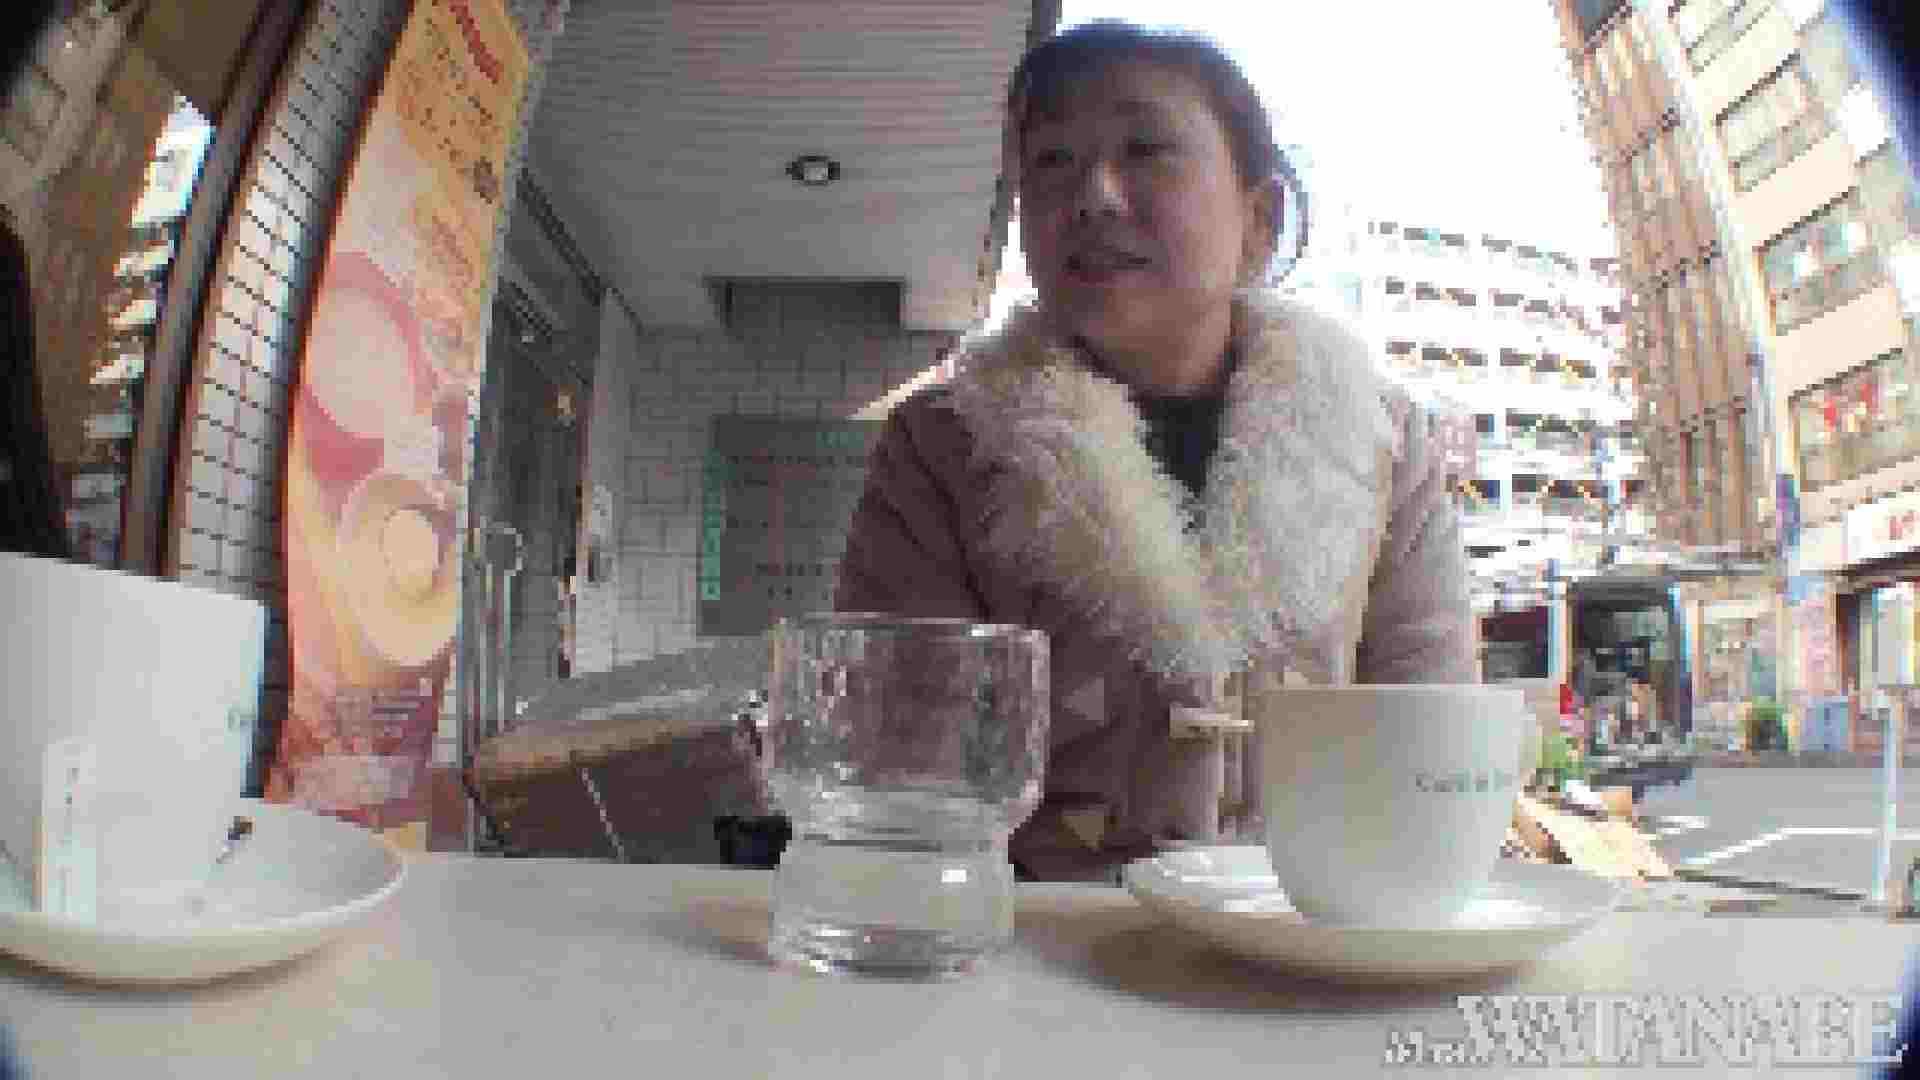 撮影スタッフを誘惑する痴熟女 かおり40歳 Vol.01 素人 オマンコ動画キャプチャ 82pic 78